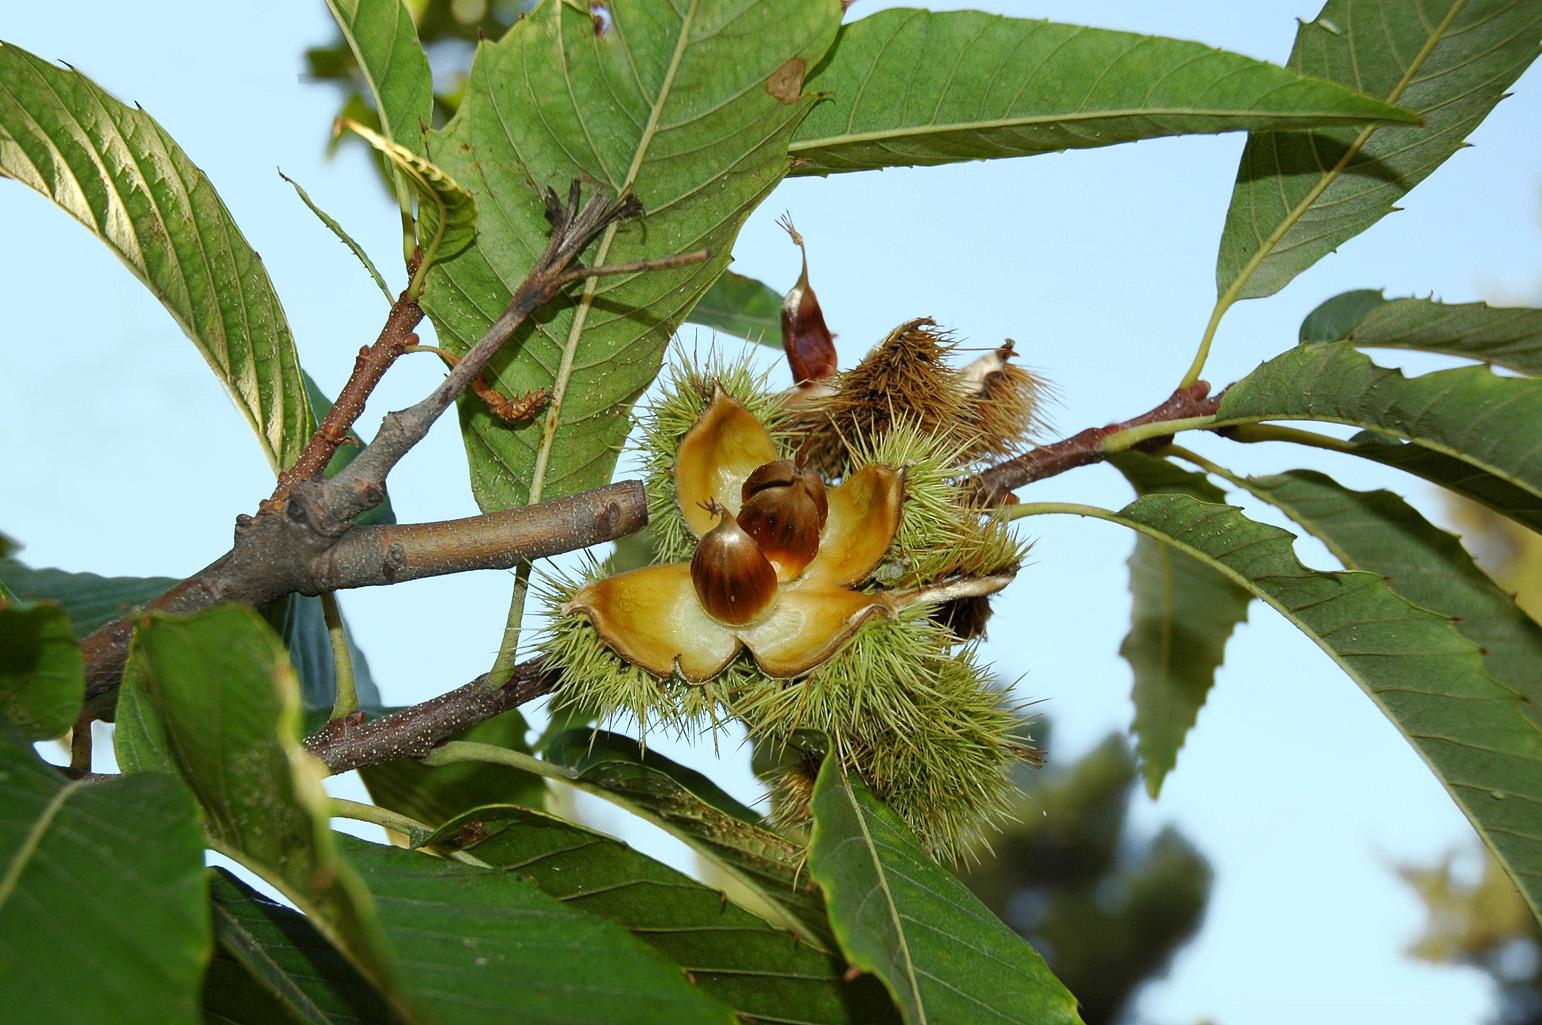 Rama con un erizo abierto y 3 frutos (castañas) en su interior